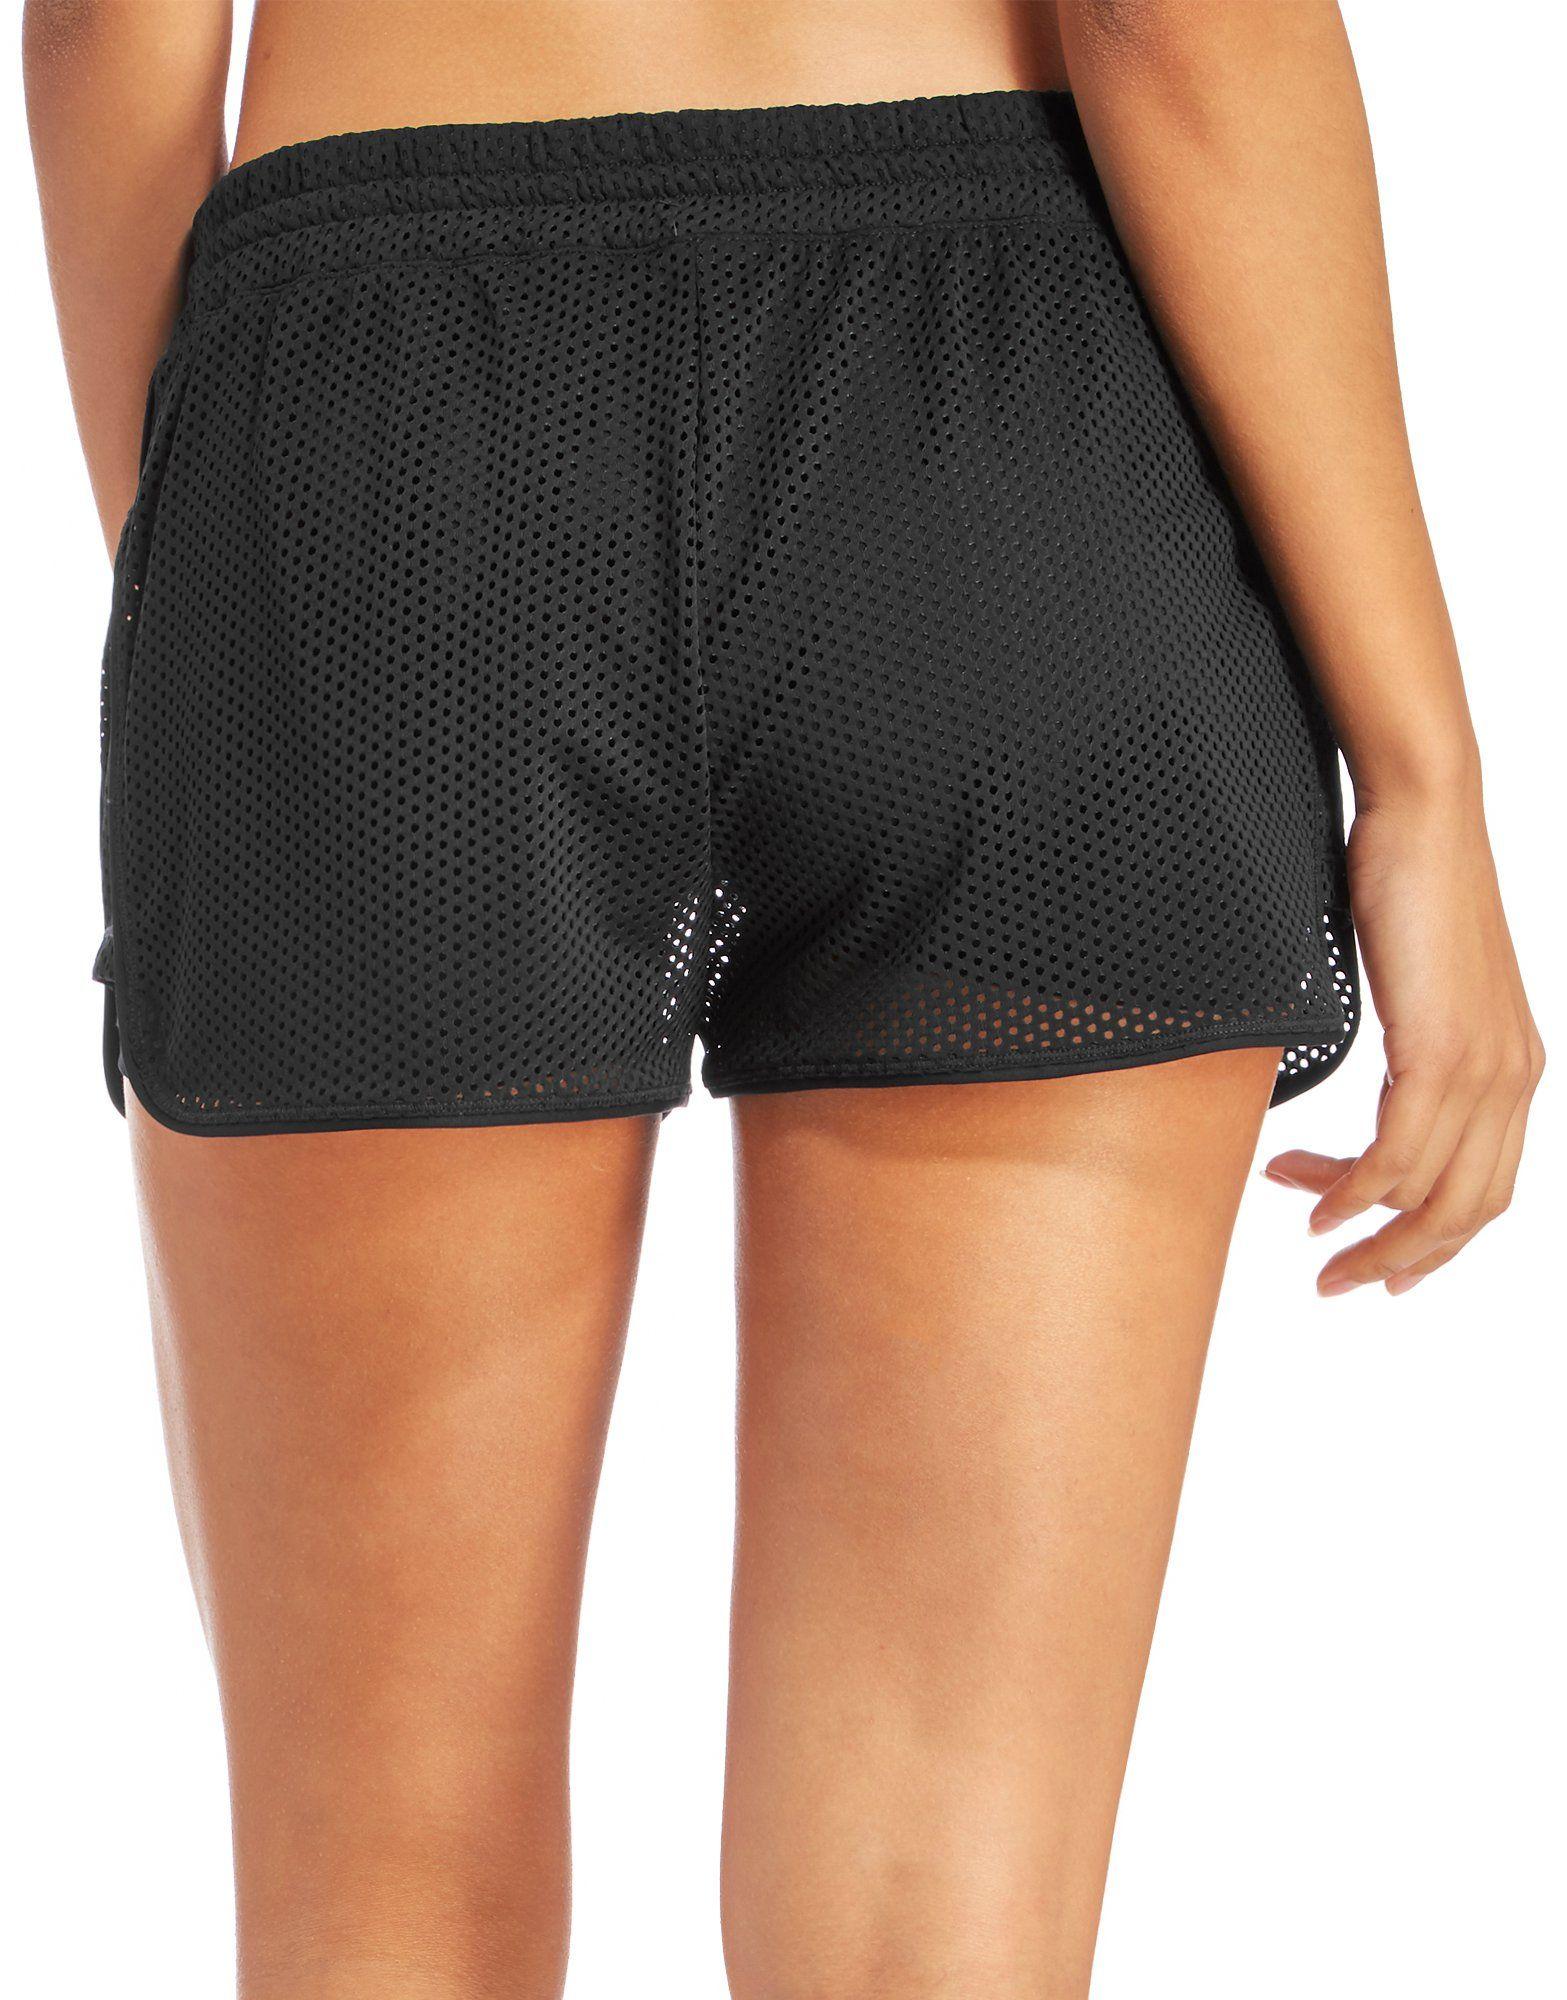 IVY PARK Mesh Shorts